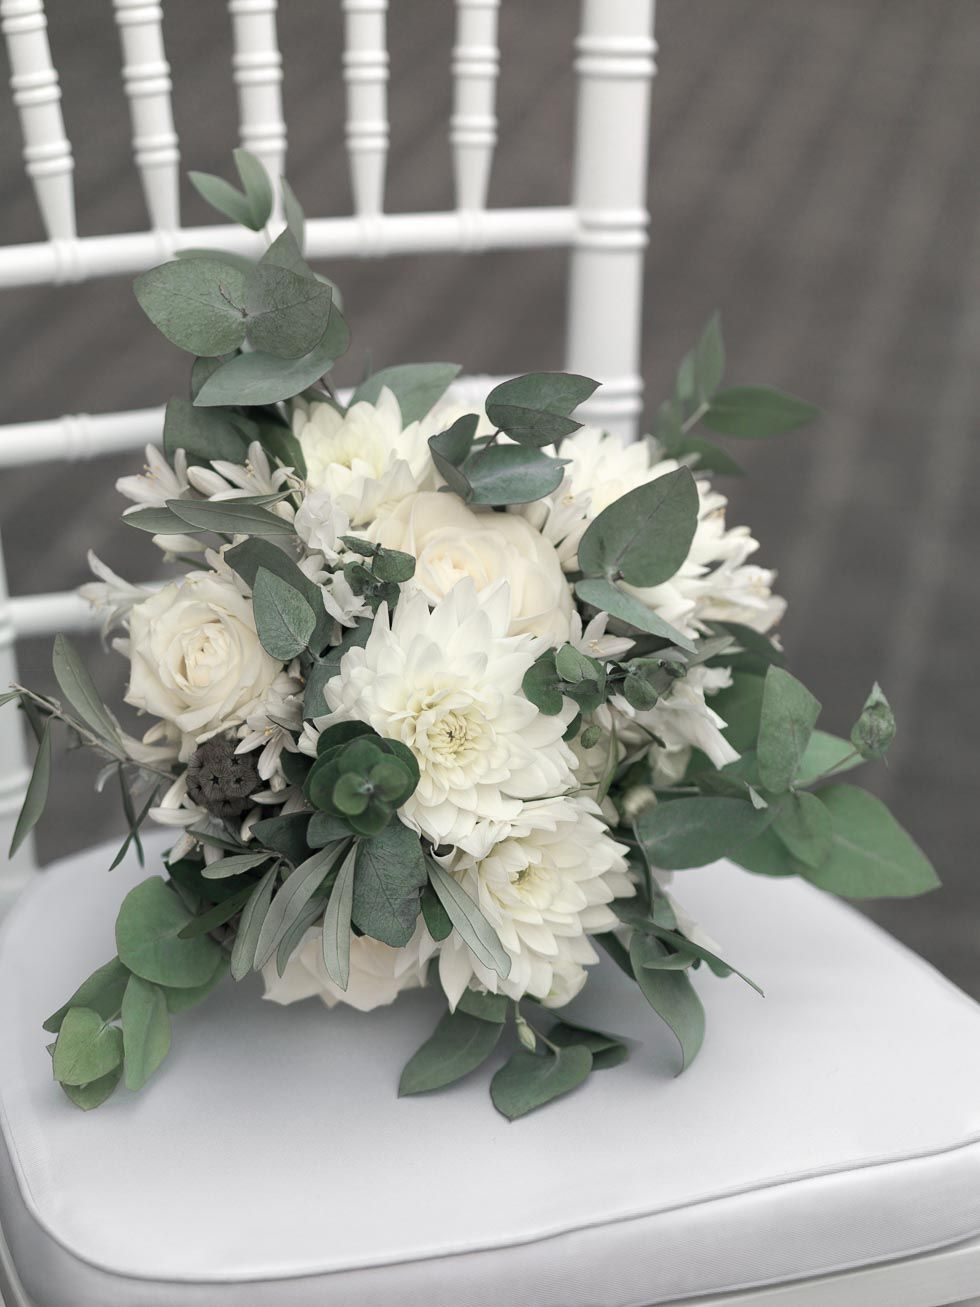 Brautstrauss in 2019  Blumen  Brautstrue Blumenstrau hochzeit und Blumendeko hochzeit